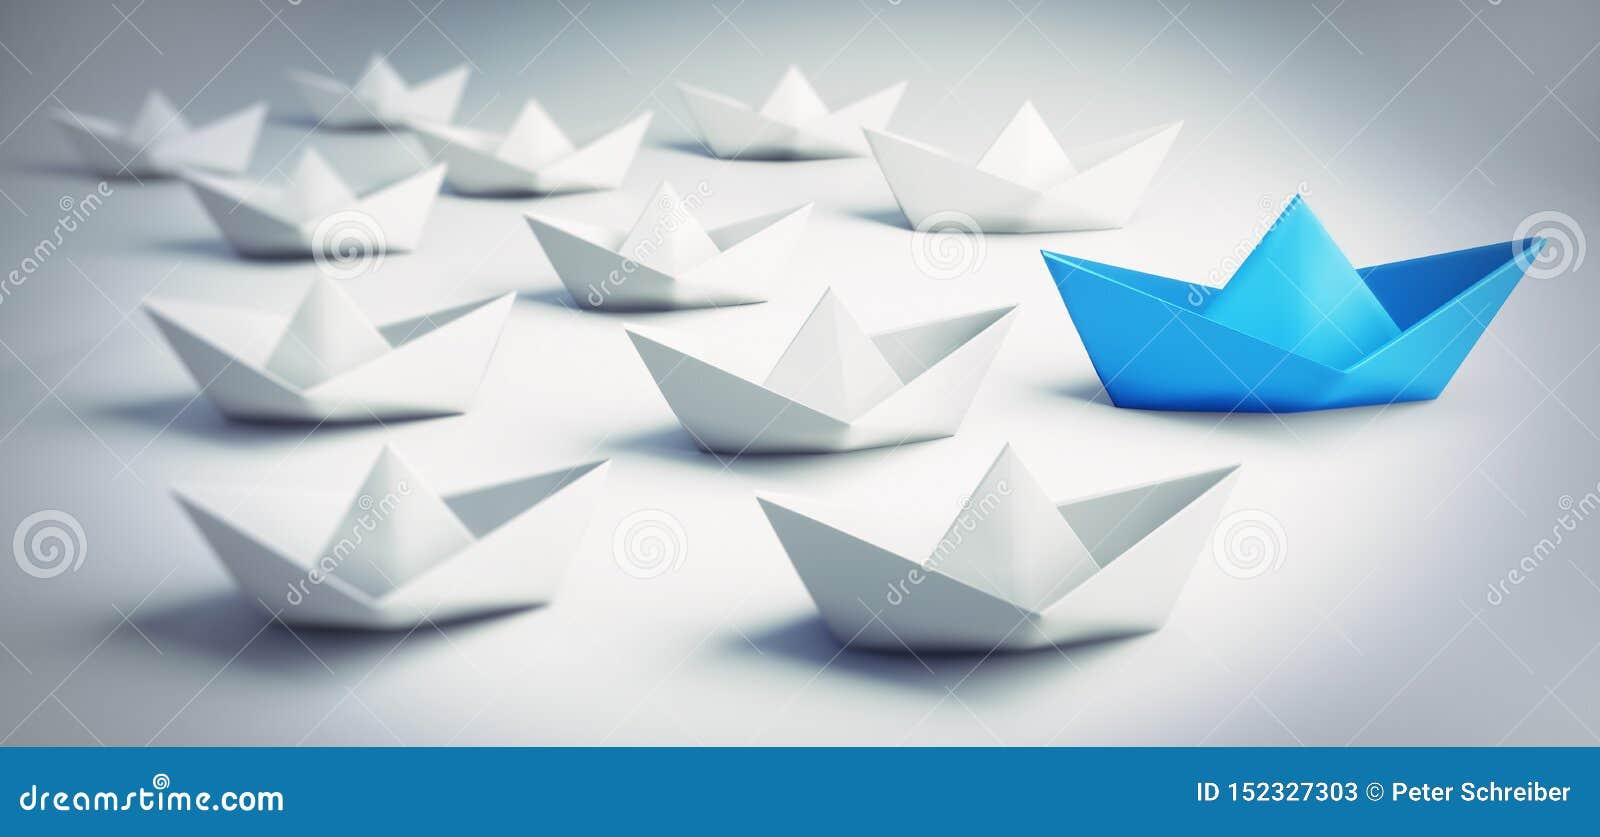 Grupa białego i błękitnego papieru łodzie - 3D ilustracja